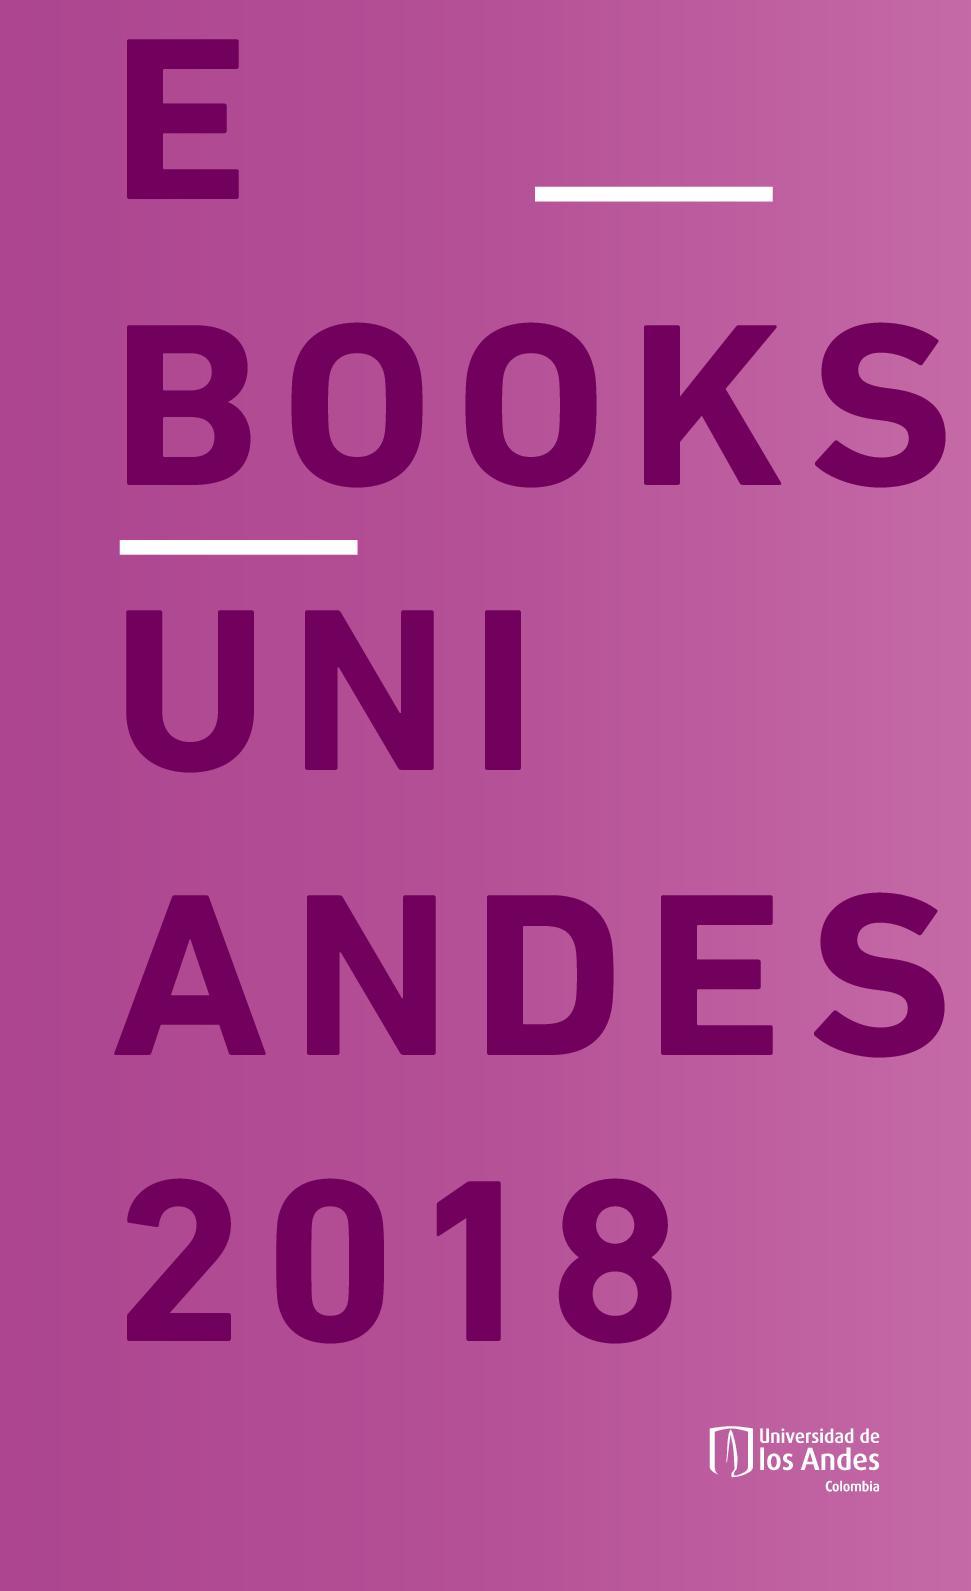 Catálogo E Books Ediciones Uniandes